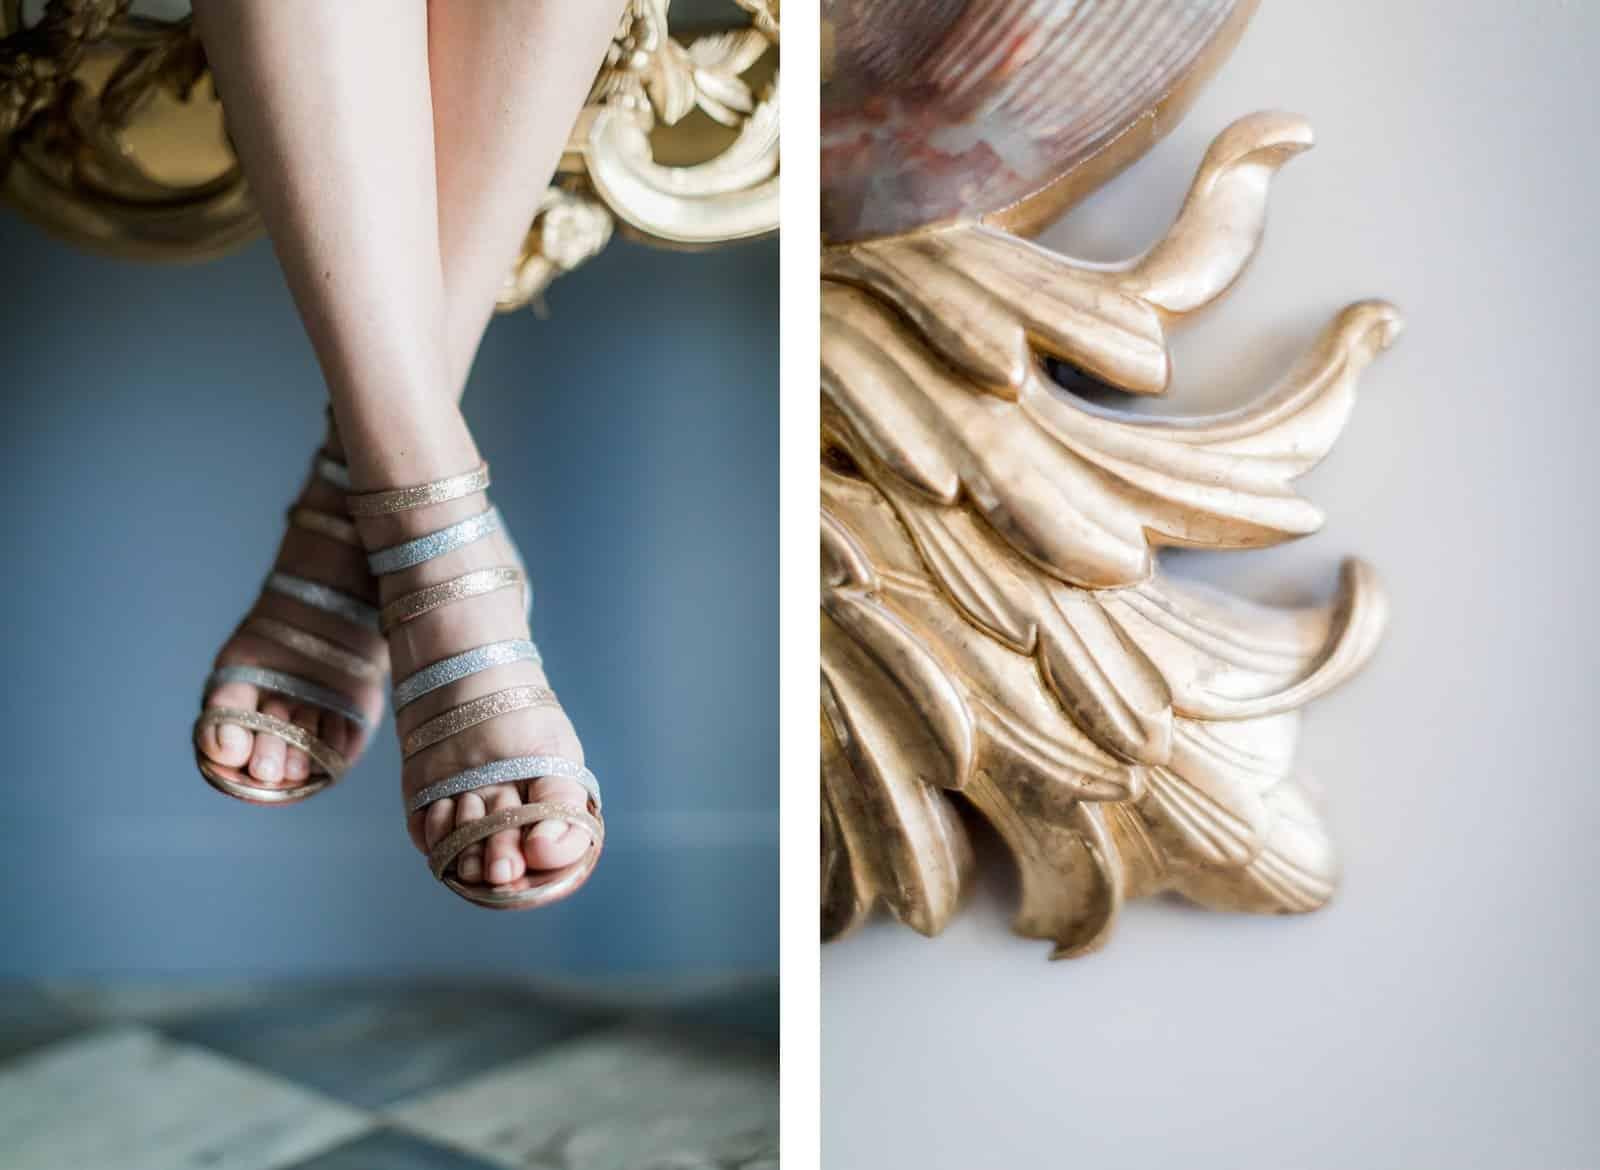 Photographie de Mathieu Dété présentant des détails des chaussures de la mariée pendant ses préparatifs à l'intérieur de la Villa Brignac à Ollioules